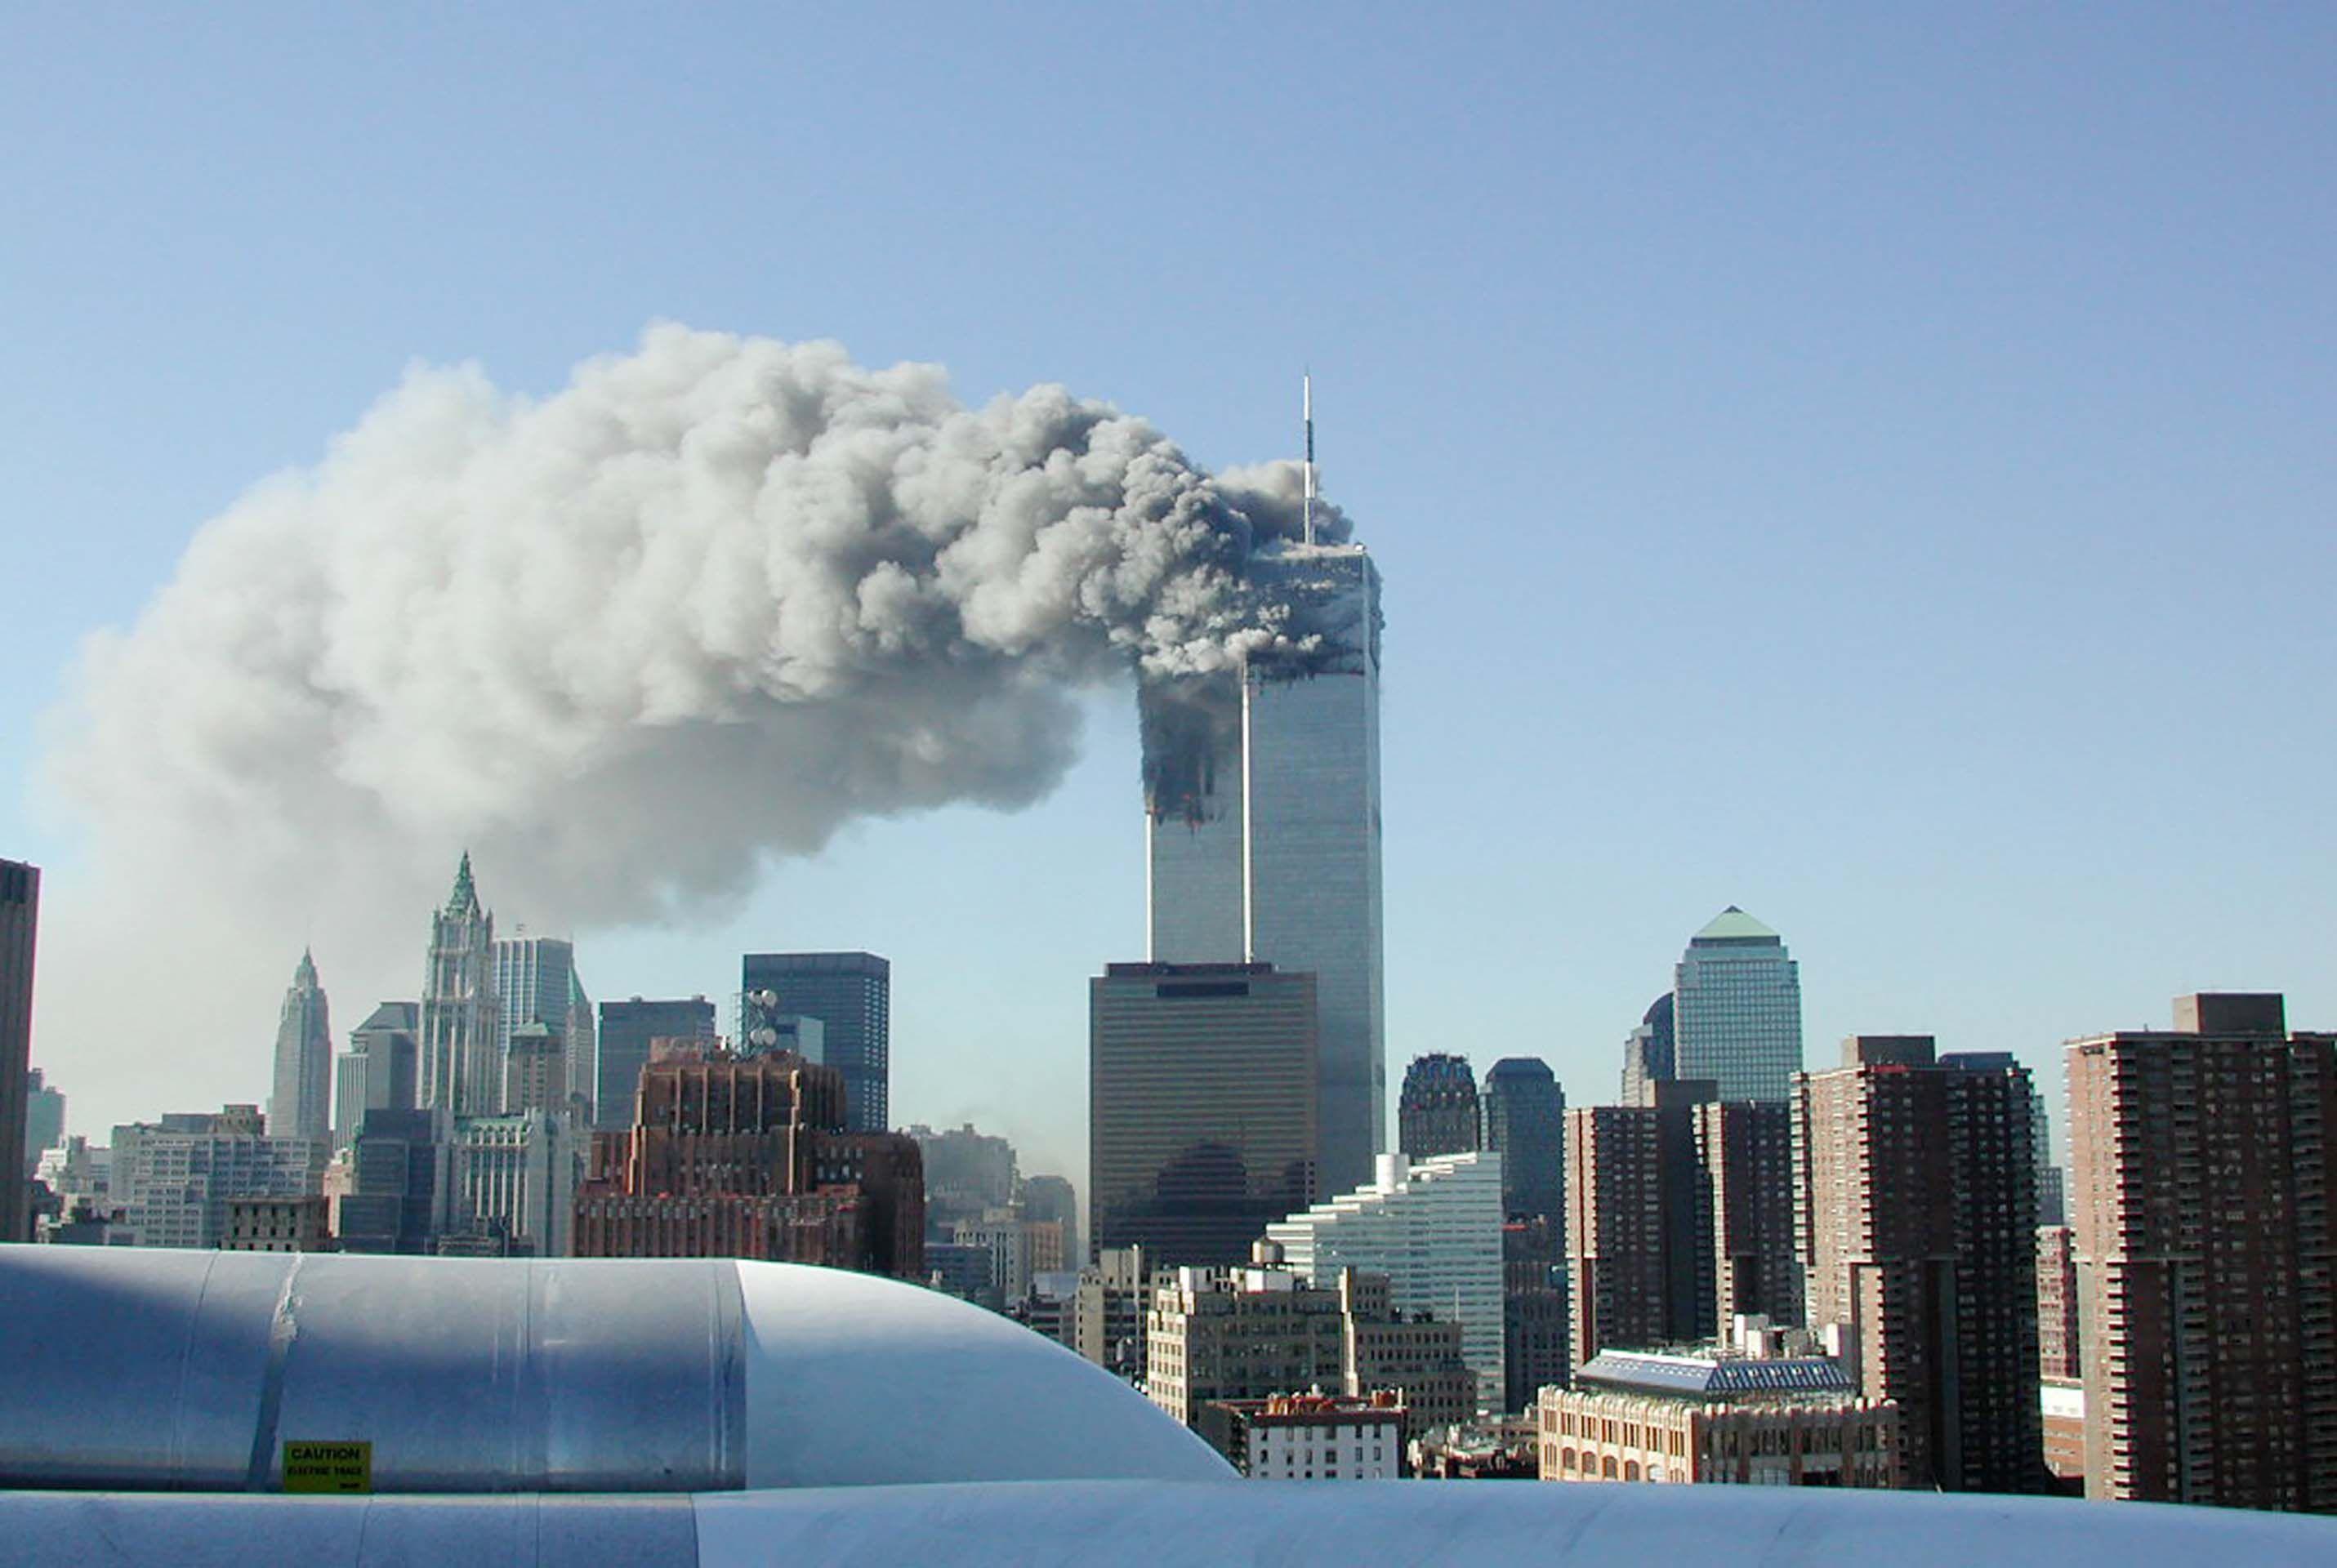 galeria aniversario ataque torres gemelas 11 septiembre 9/11